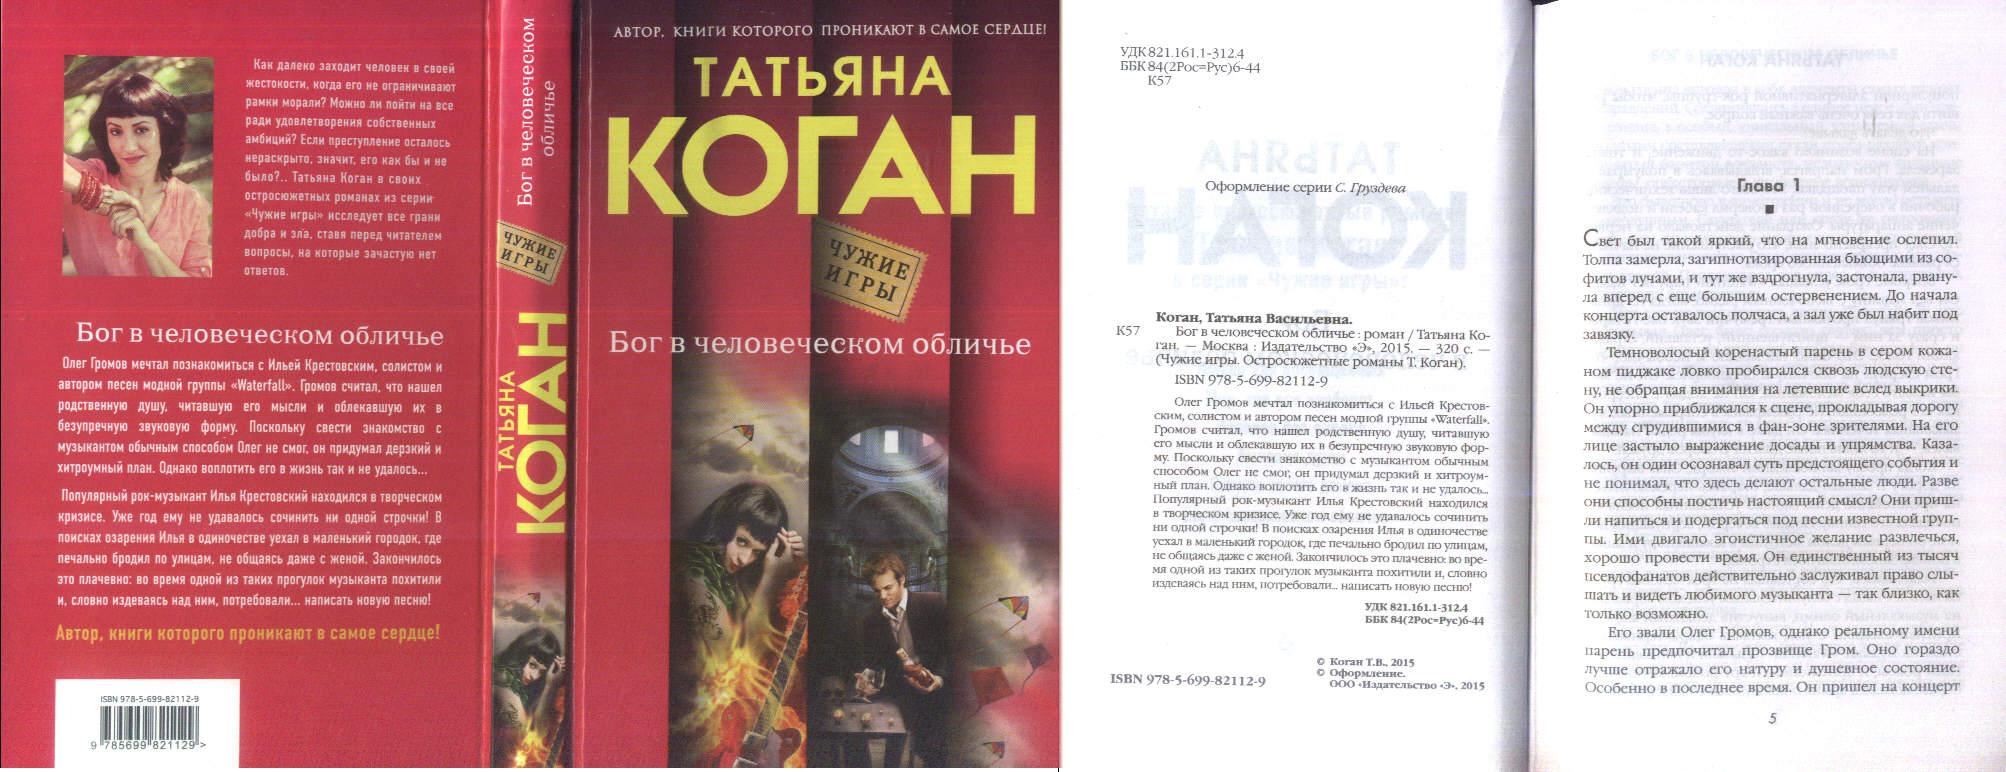 ТАТЬЯНА КОГАН БОГ В ЧЕЛОВЕЧЕСКОМ ОБЛИЧЬЕ СКАЧАТЬ БЕСПЛАТНО